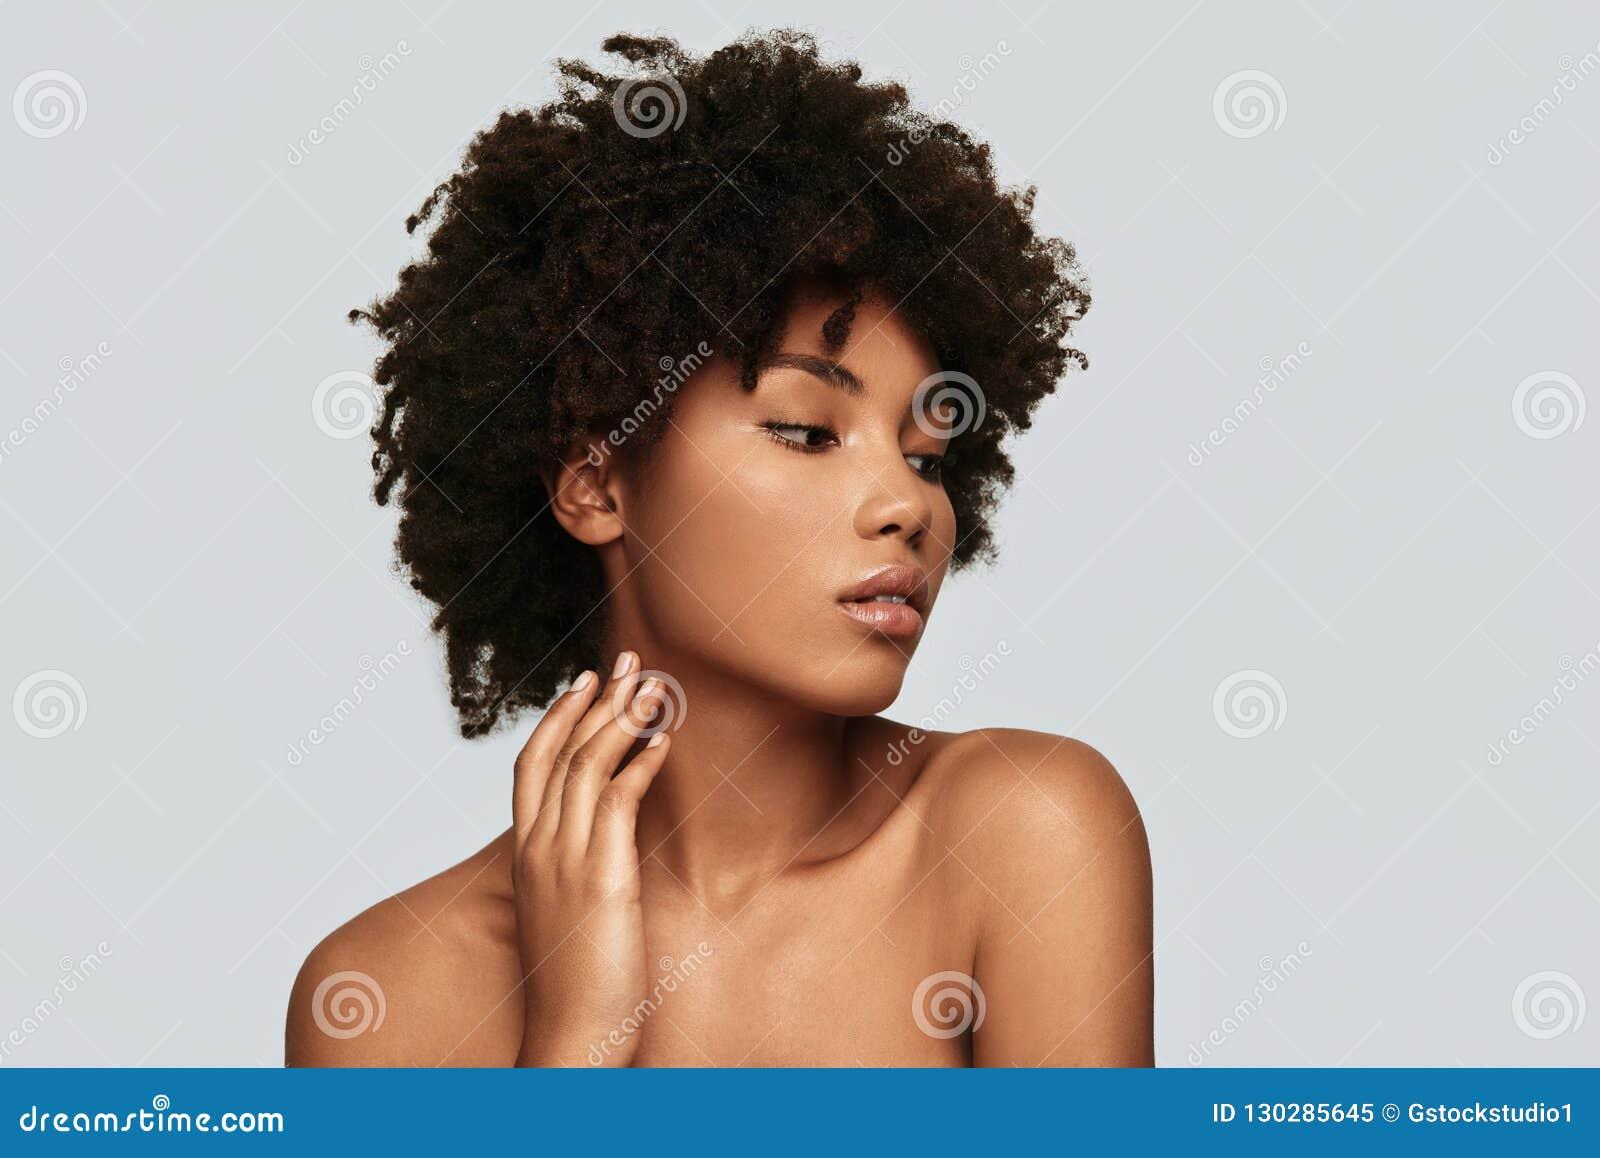 Erfect skóra